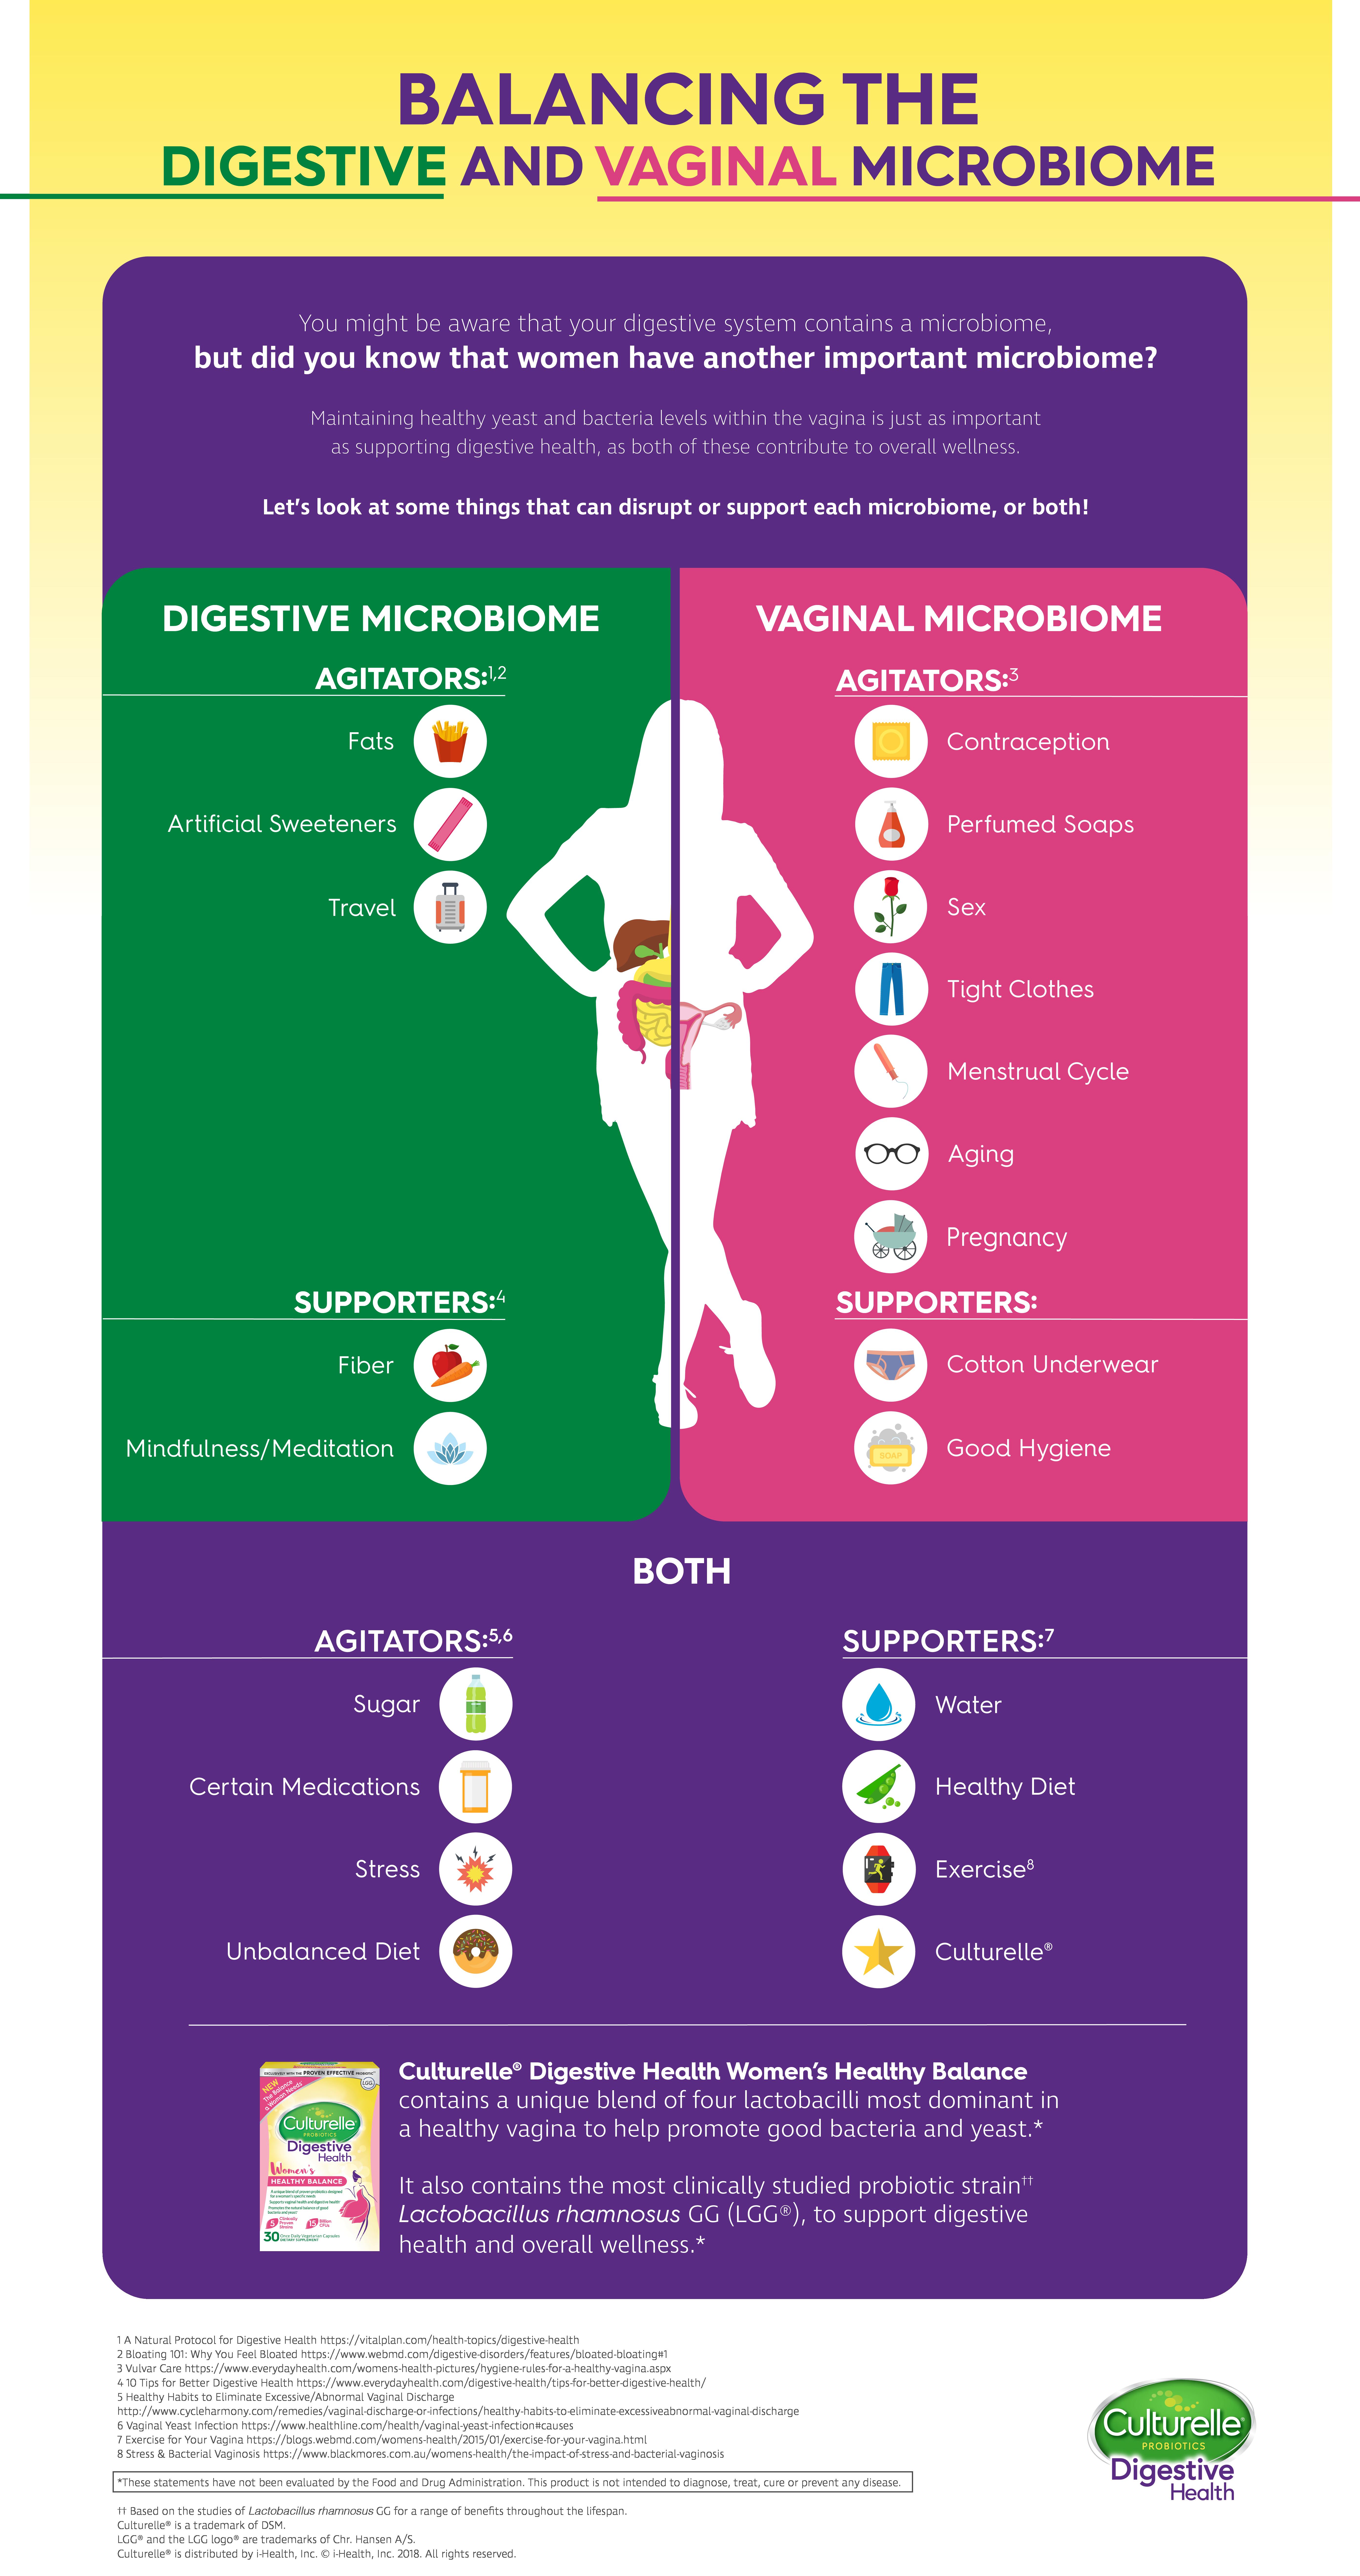 Probiotics Resource Center | Culturelle